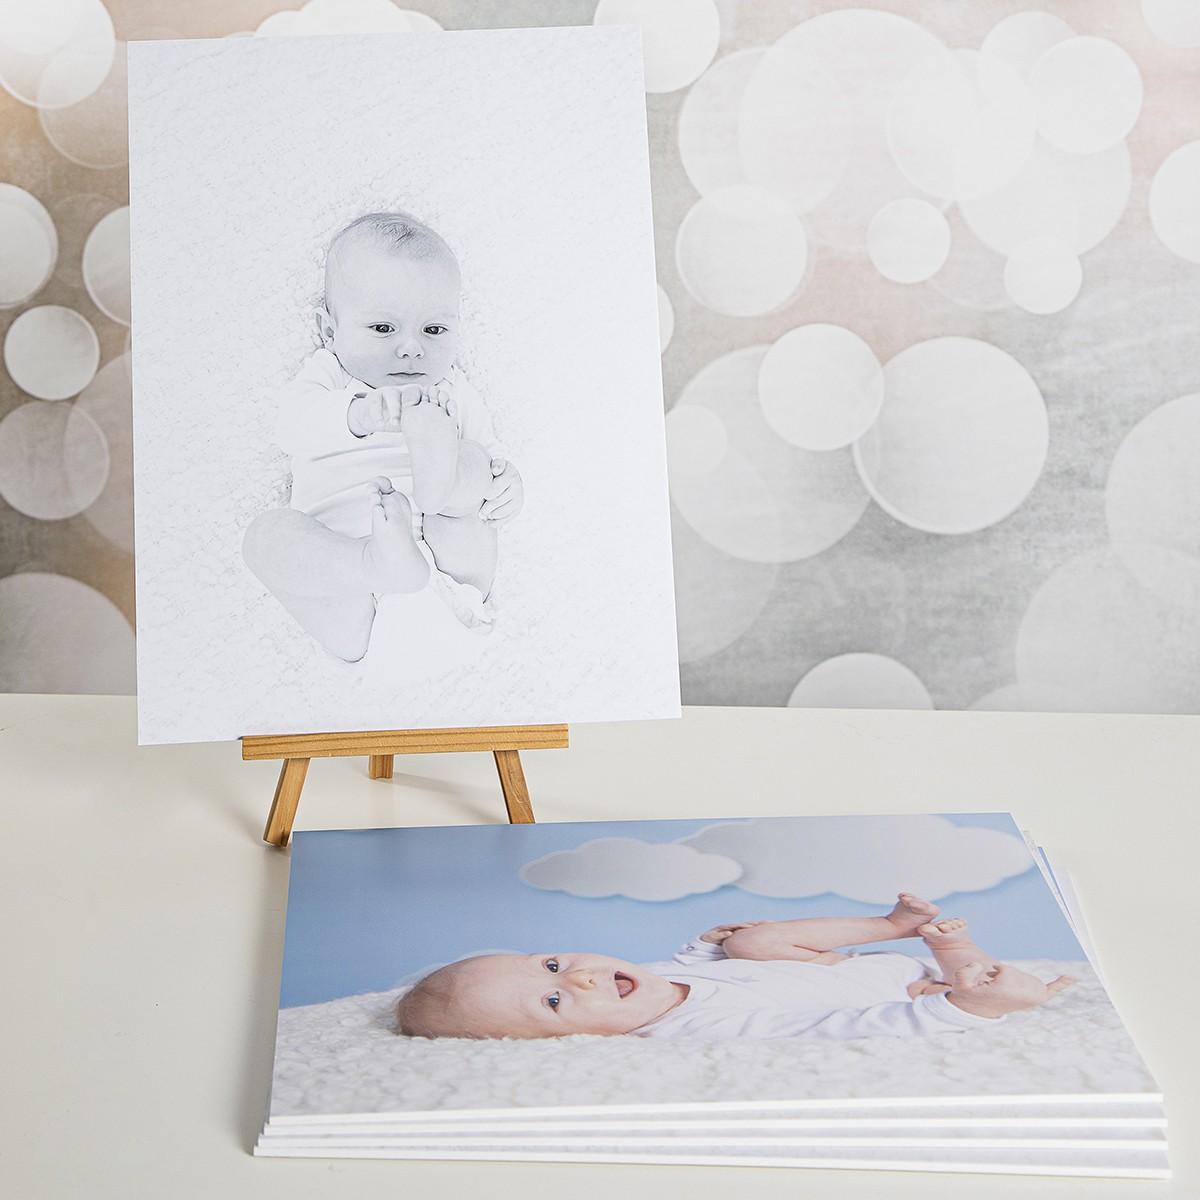 Pinkstudio by Angelina Devine webProdukter-Elliot-Alba-og-Dirch-021 Da Elliot opdagede sine fødder. Baby Nyheder Portræt Udvalgte Fotograferinger